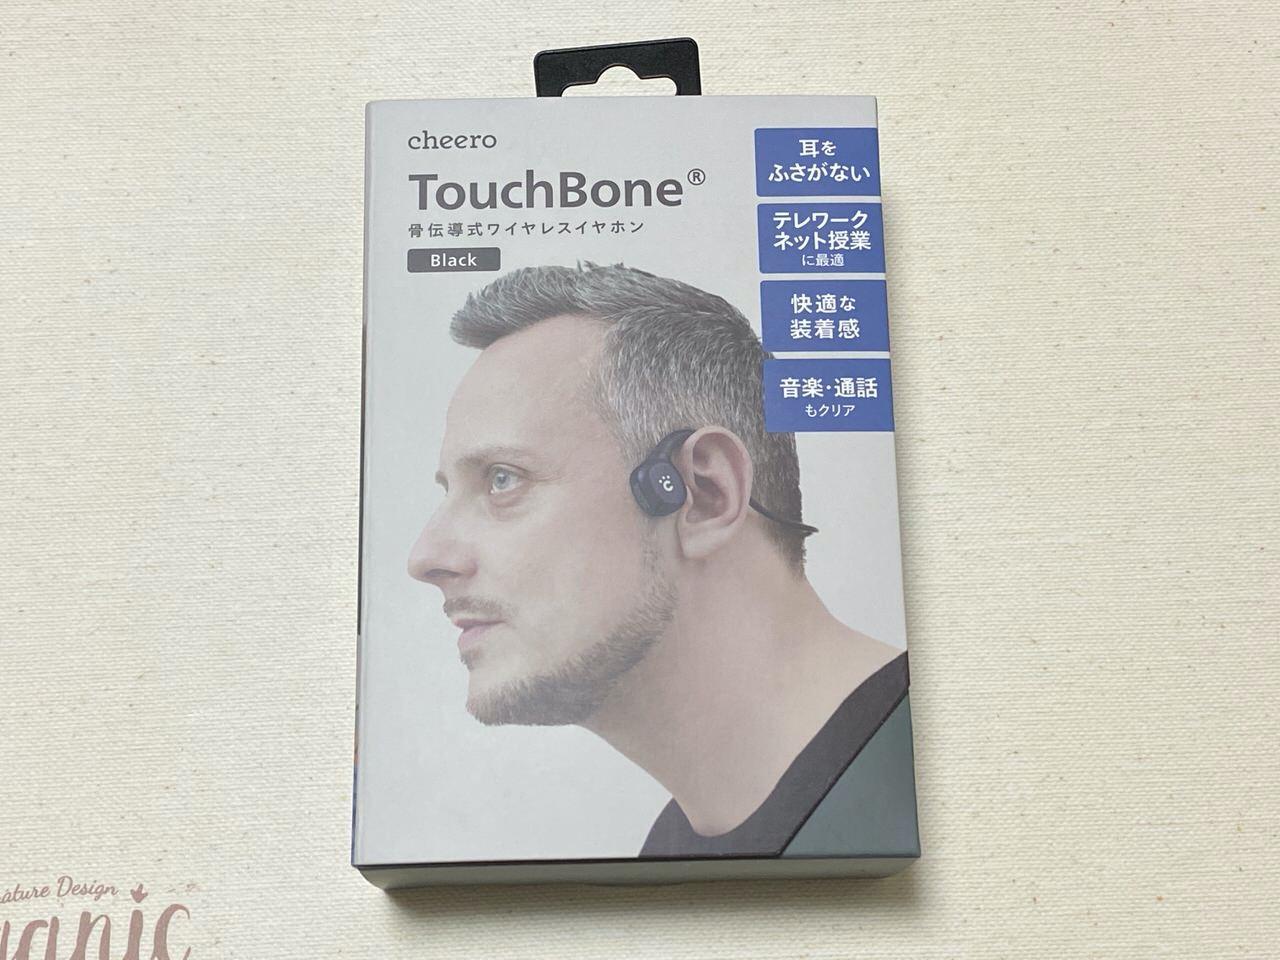 頭の中から音が聞こえる!テレワークに最適な骨伝導式ワイヤレスイヤホン「TouchBone(タッチボーン)」 #提供